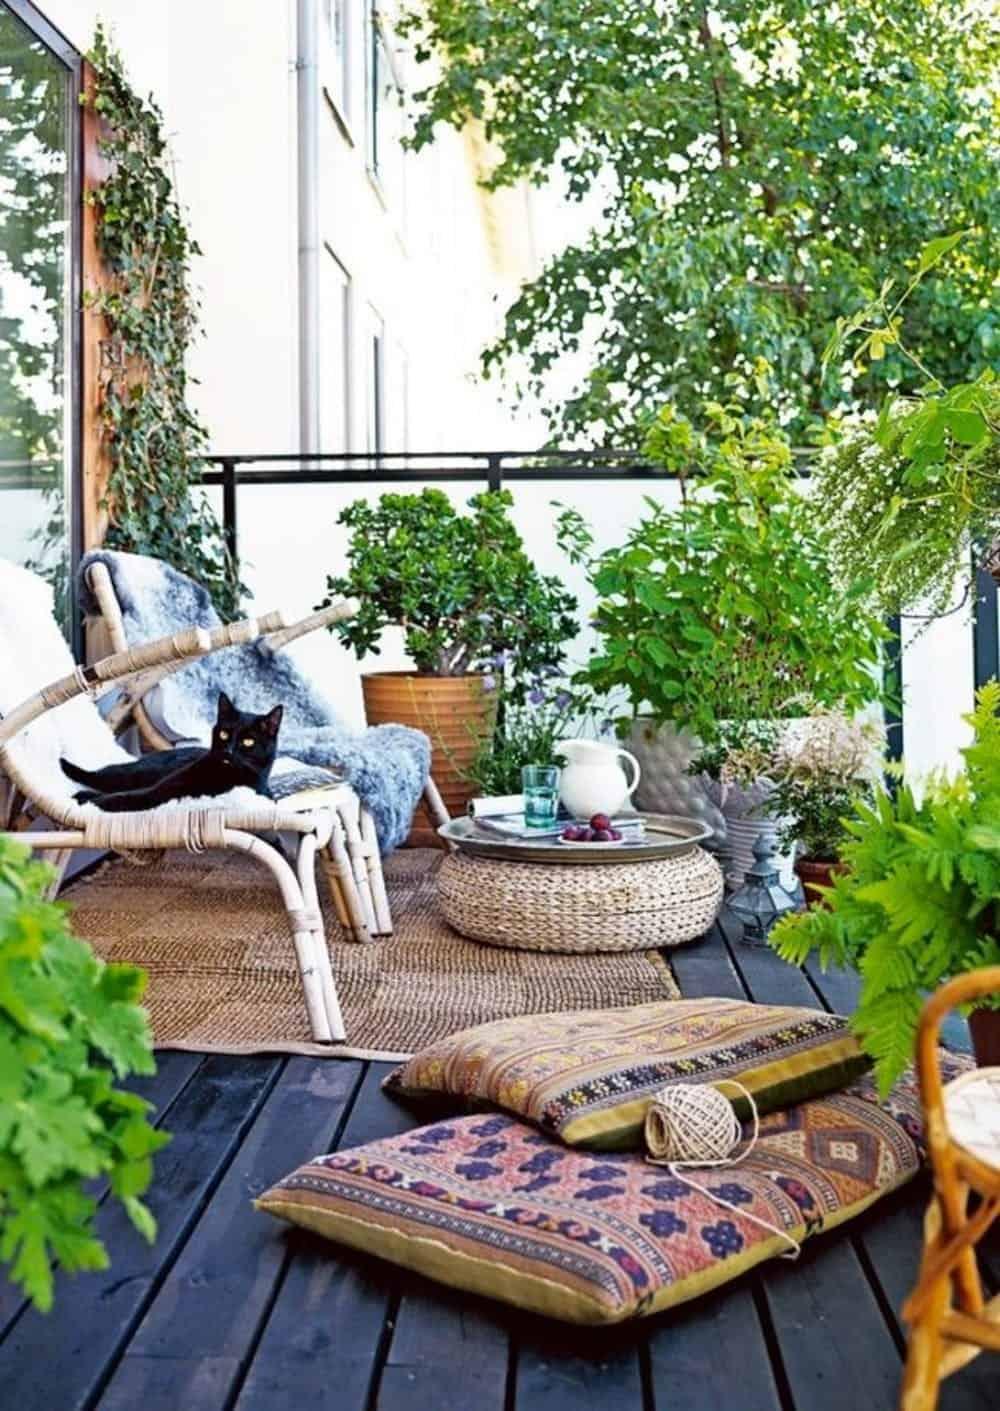 Divanetto Per Balcone Piccolo terrazzo piccolo: 10 idee low cost e salva spazio - guida